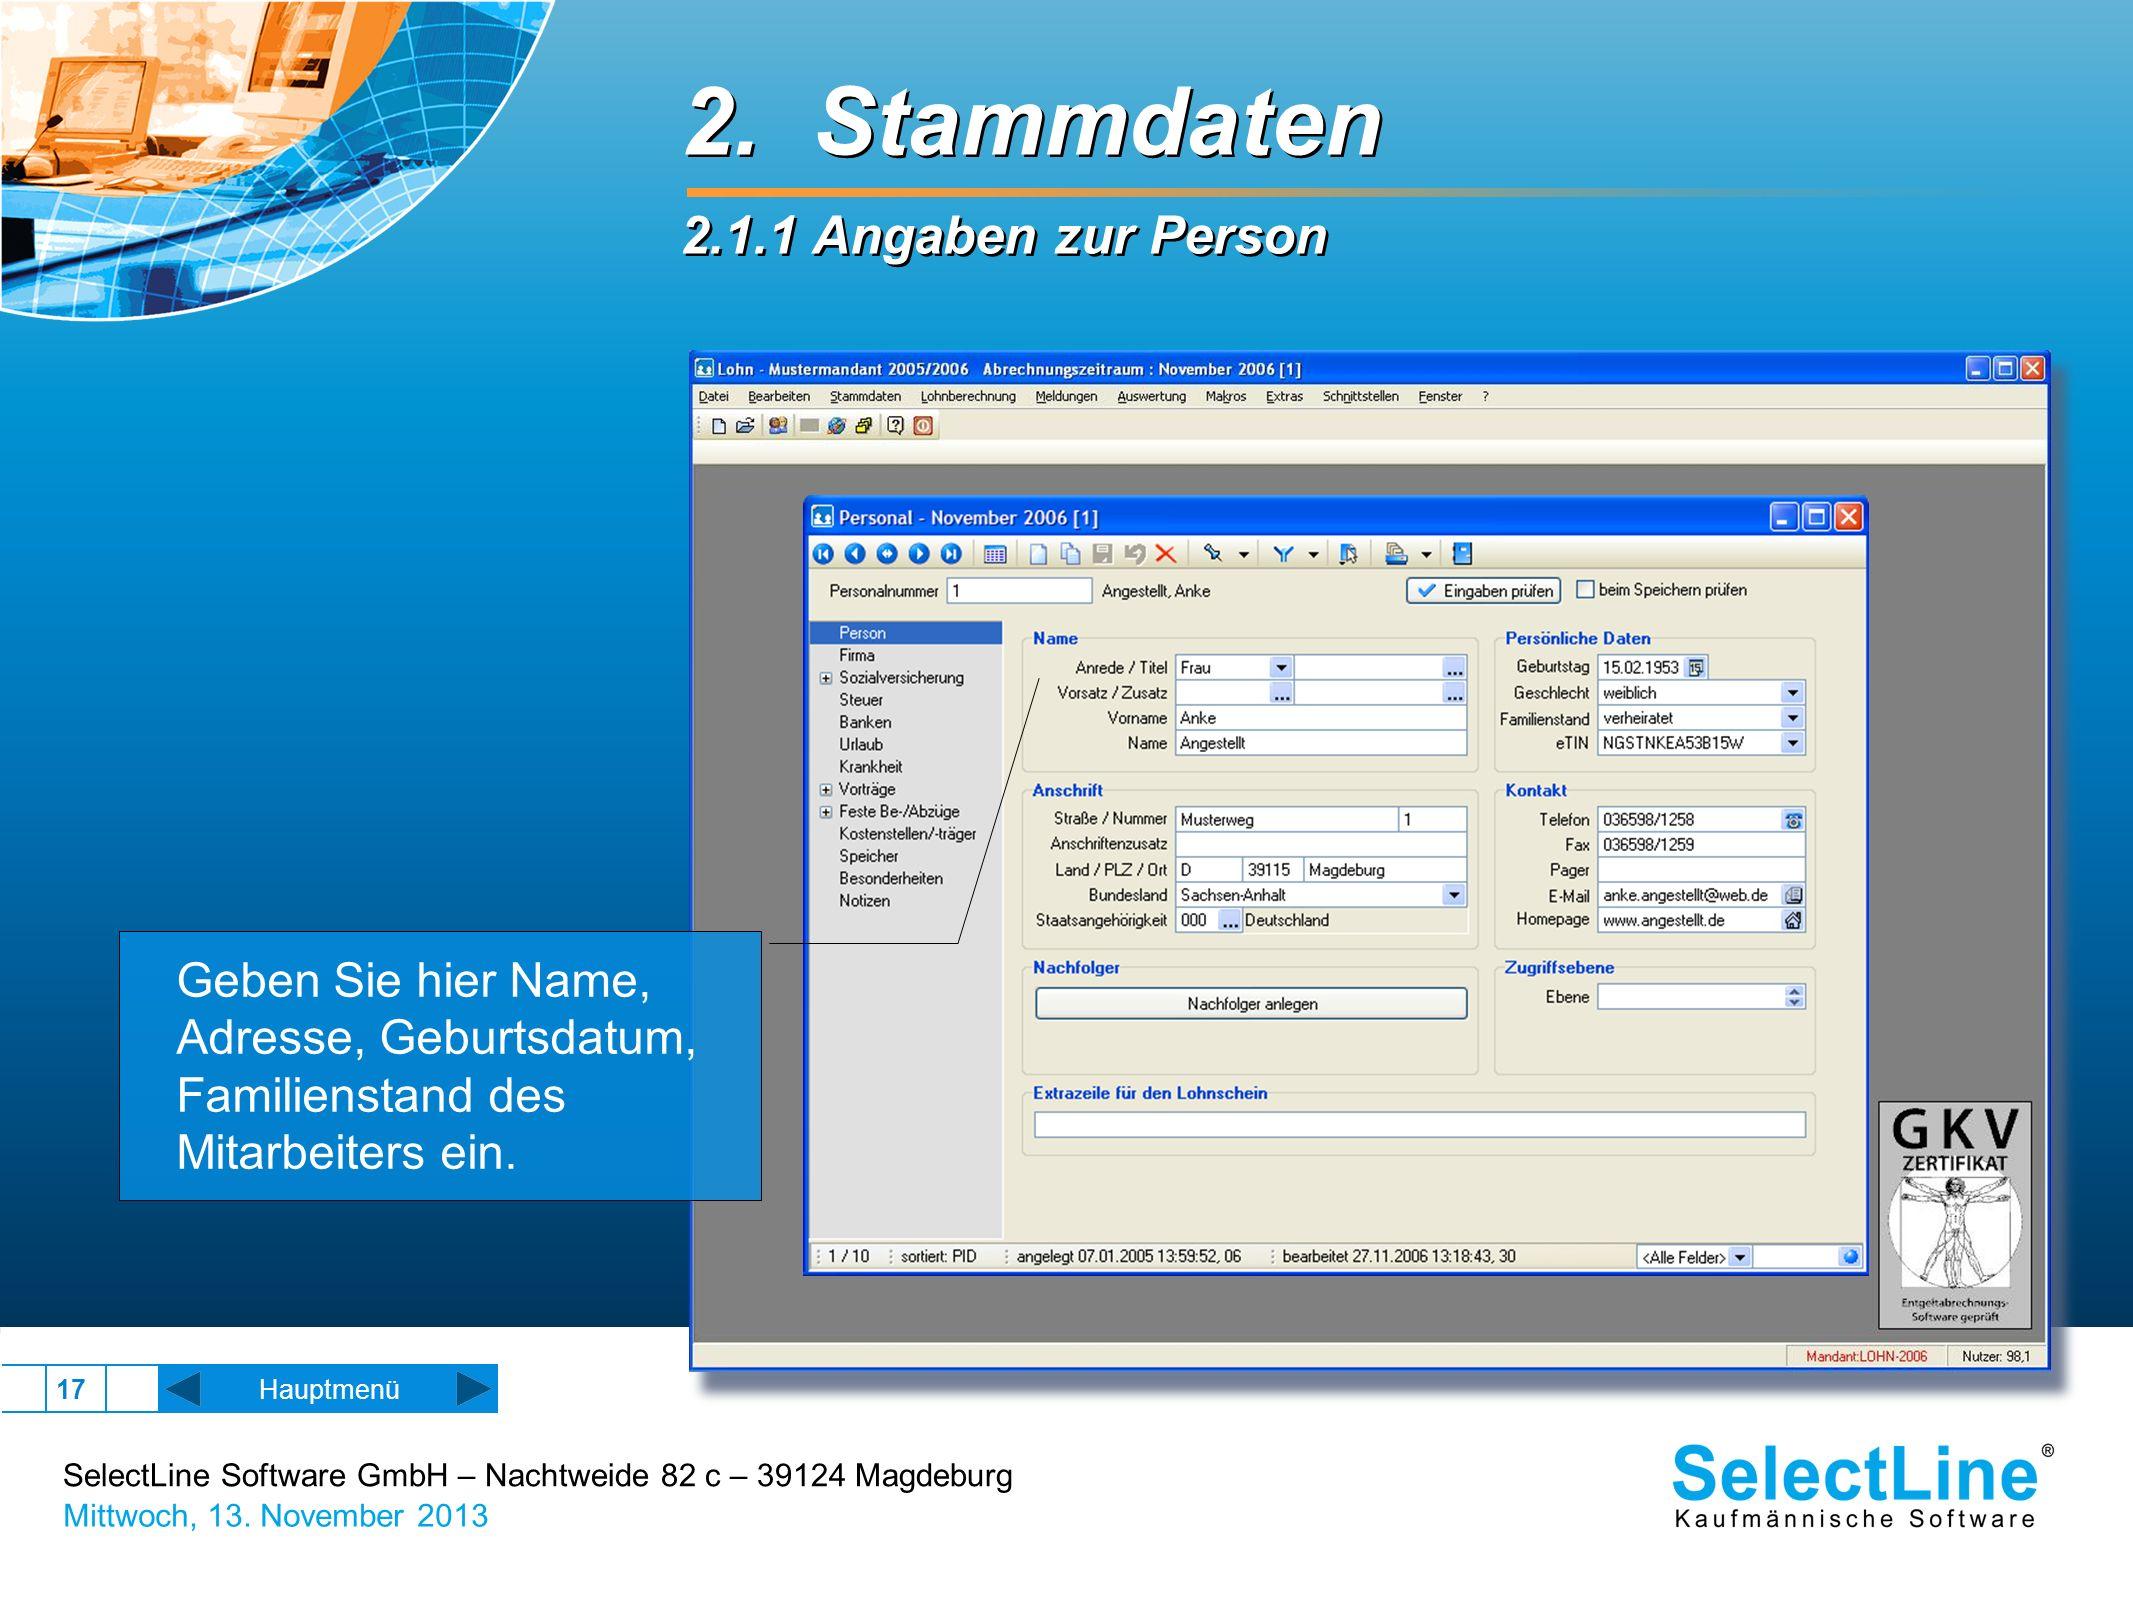 SelectLine Software GmbH – Nachtweide 82 c – 39124 Magdeburg Mittwoch, 13. November 2013 17 2. Stammdaten 2.1.1 Angaben zur Person 2. Stammdaten 2.1.1